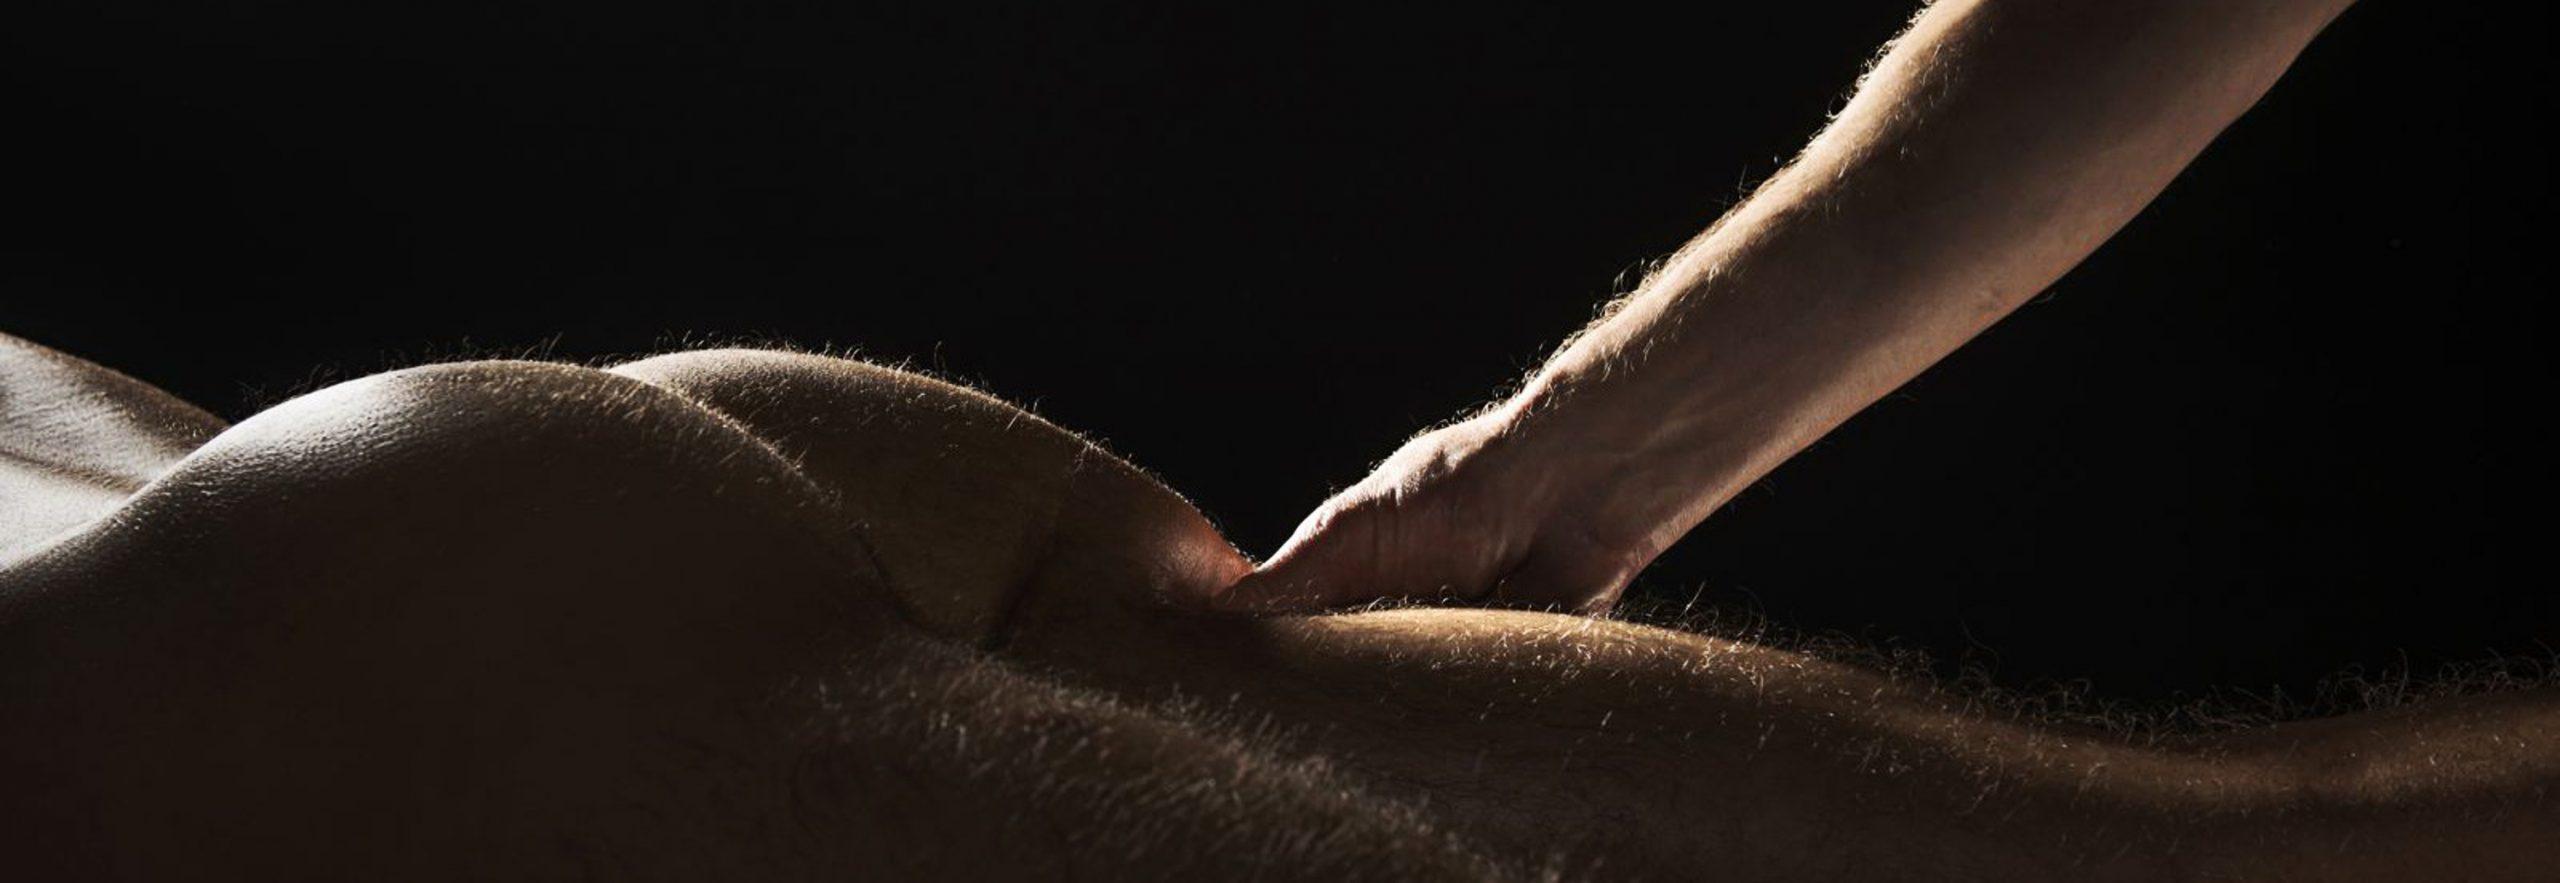 Sensual Touch Massage